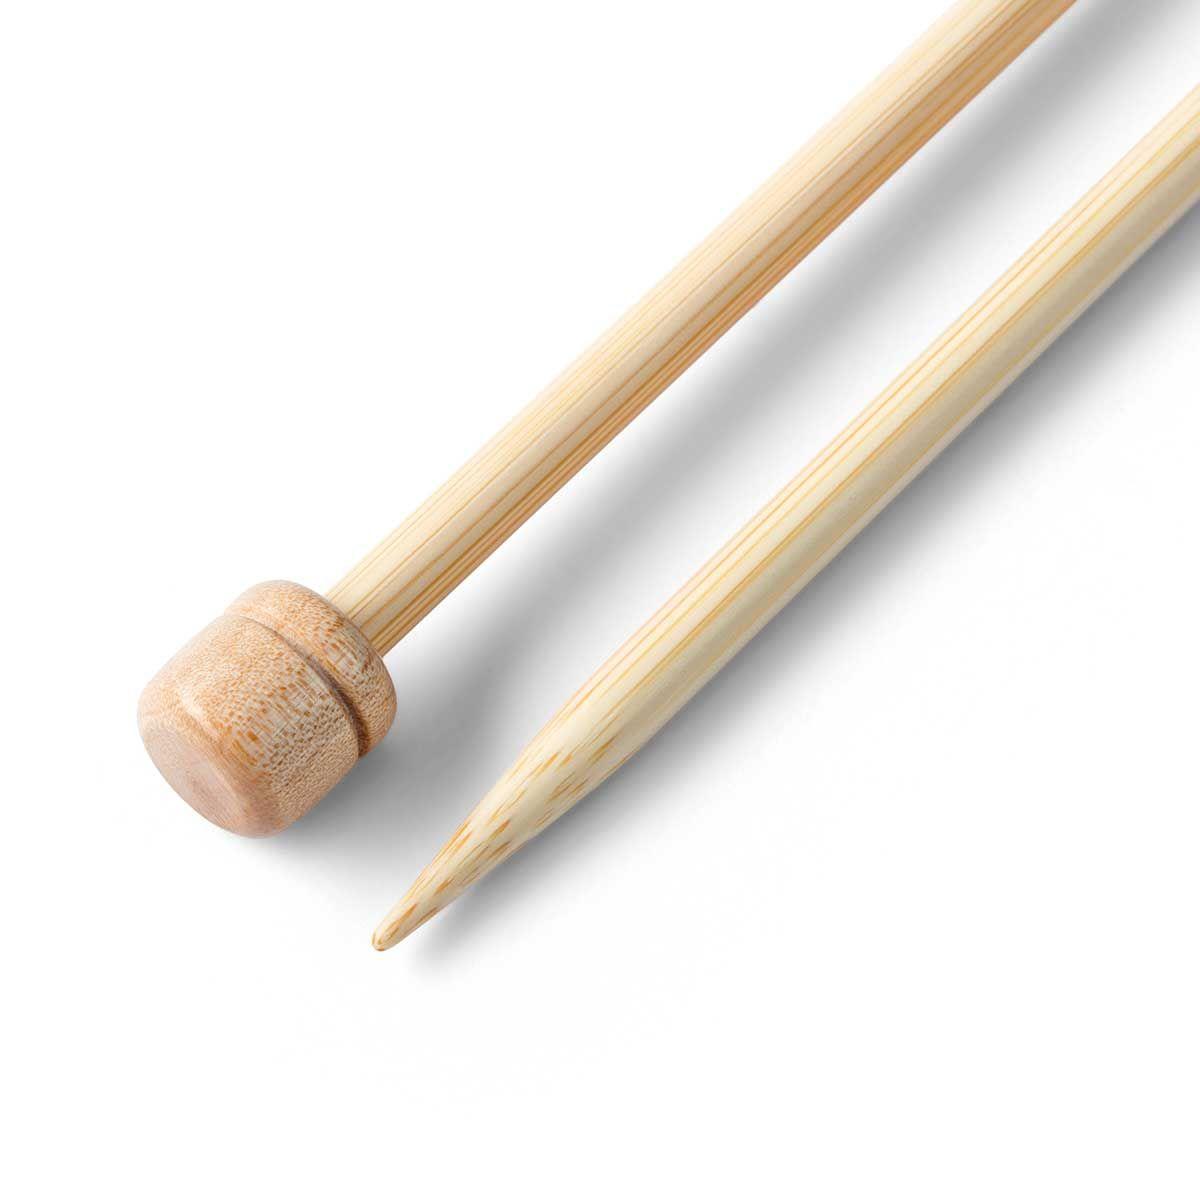 Aiguilles à tricoter 33 cm en bambou